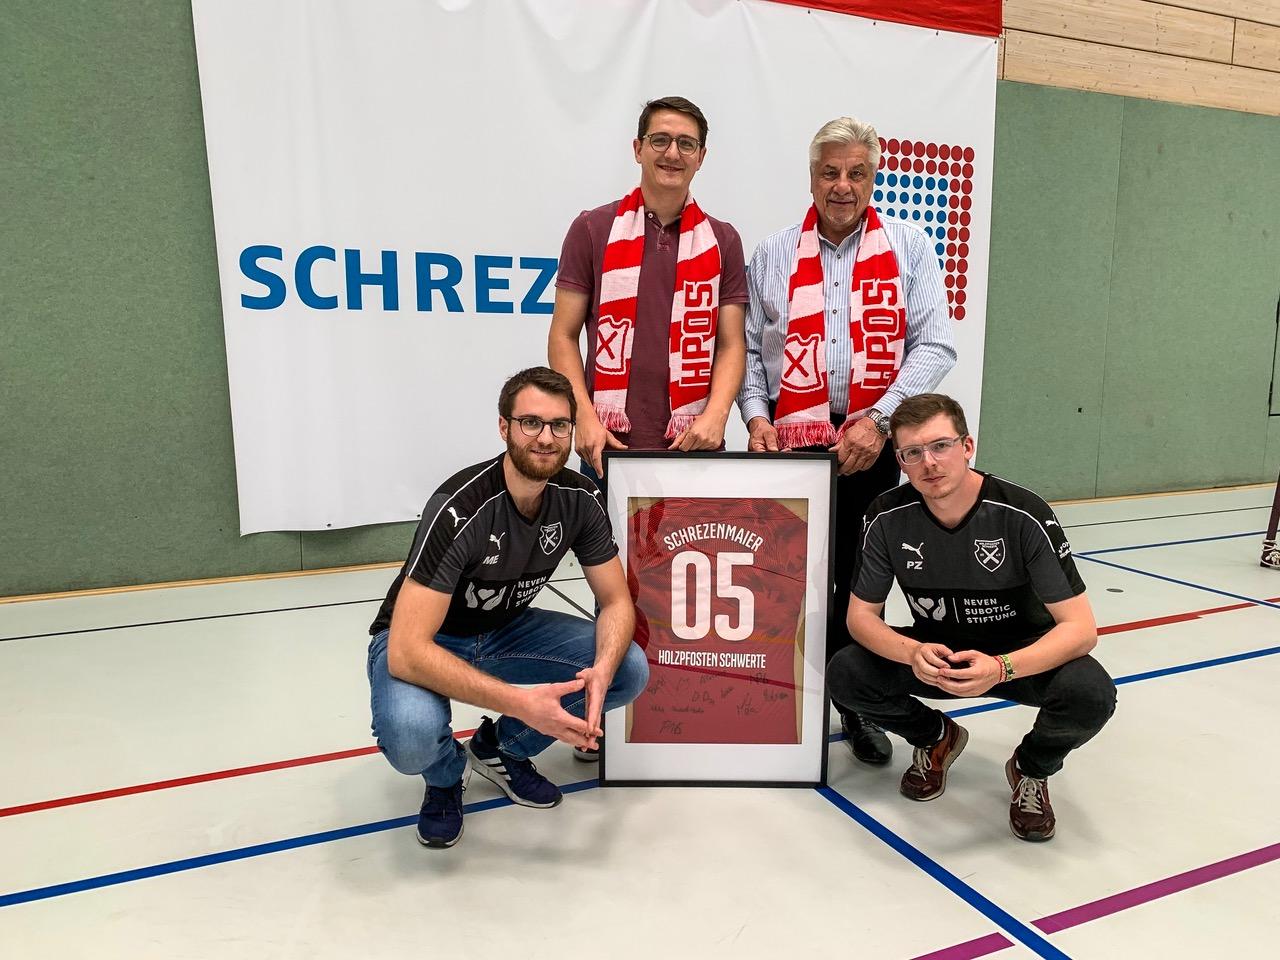 Neuer Partner: Firma Schrezenmaier unterstützt Futsal bei Holzpfosten